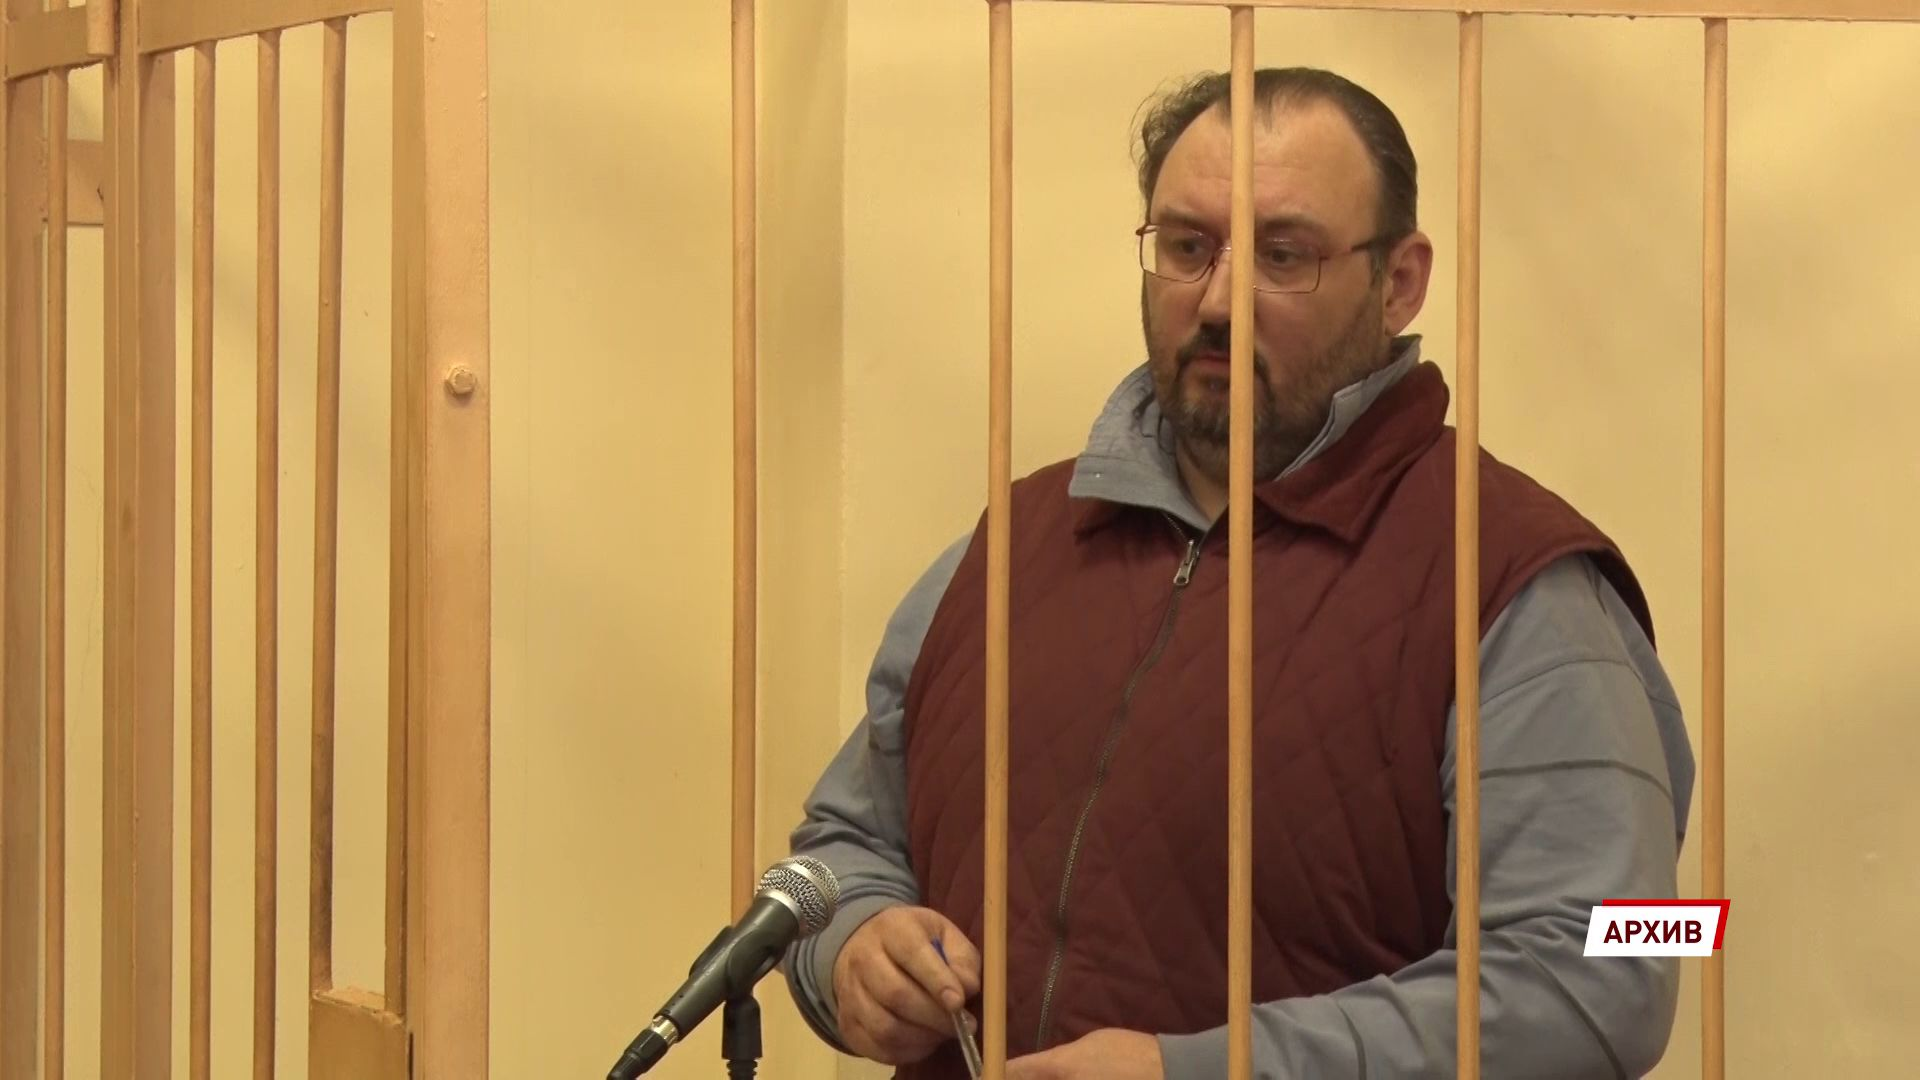 Государственное обвинение просят девять лет колонии для ярославского застройщика